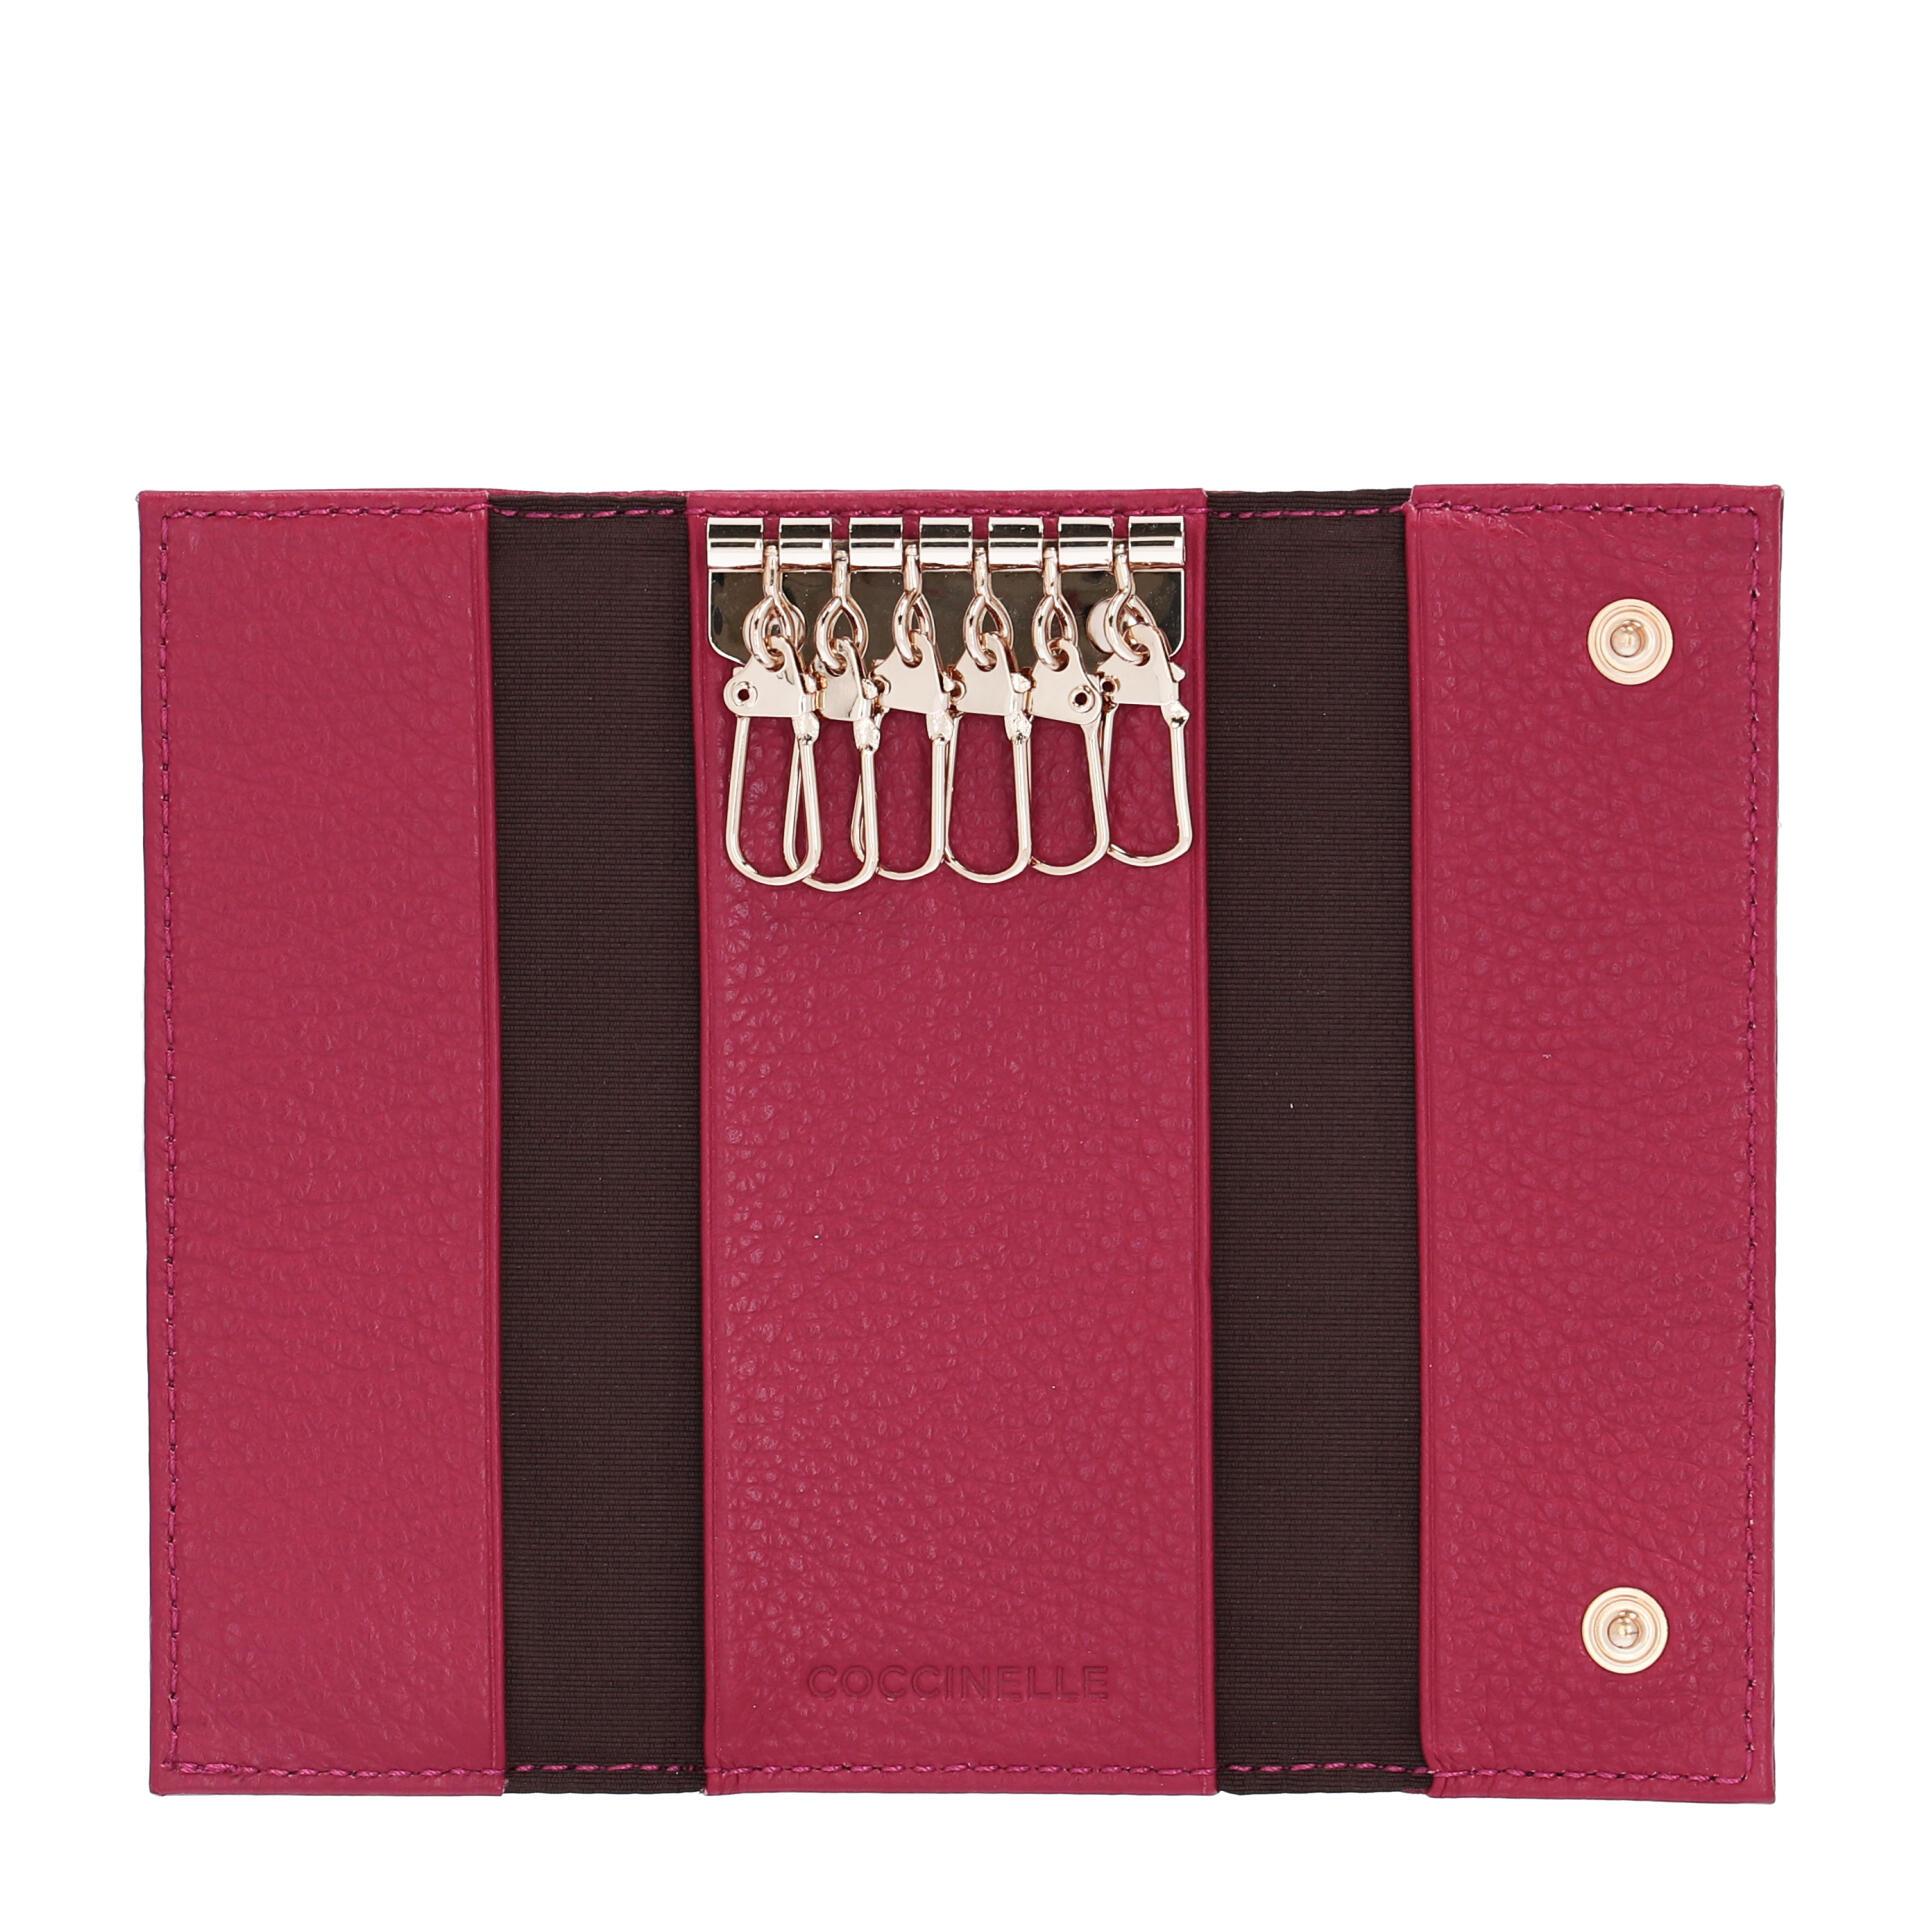 Coccinelle Metallic Soft Schlüsseletui aus natürlich genarbtem Leder cherry